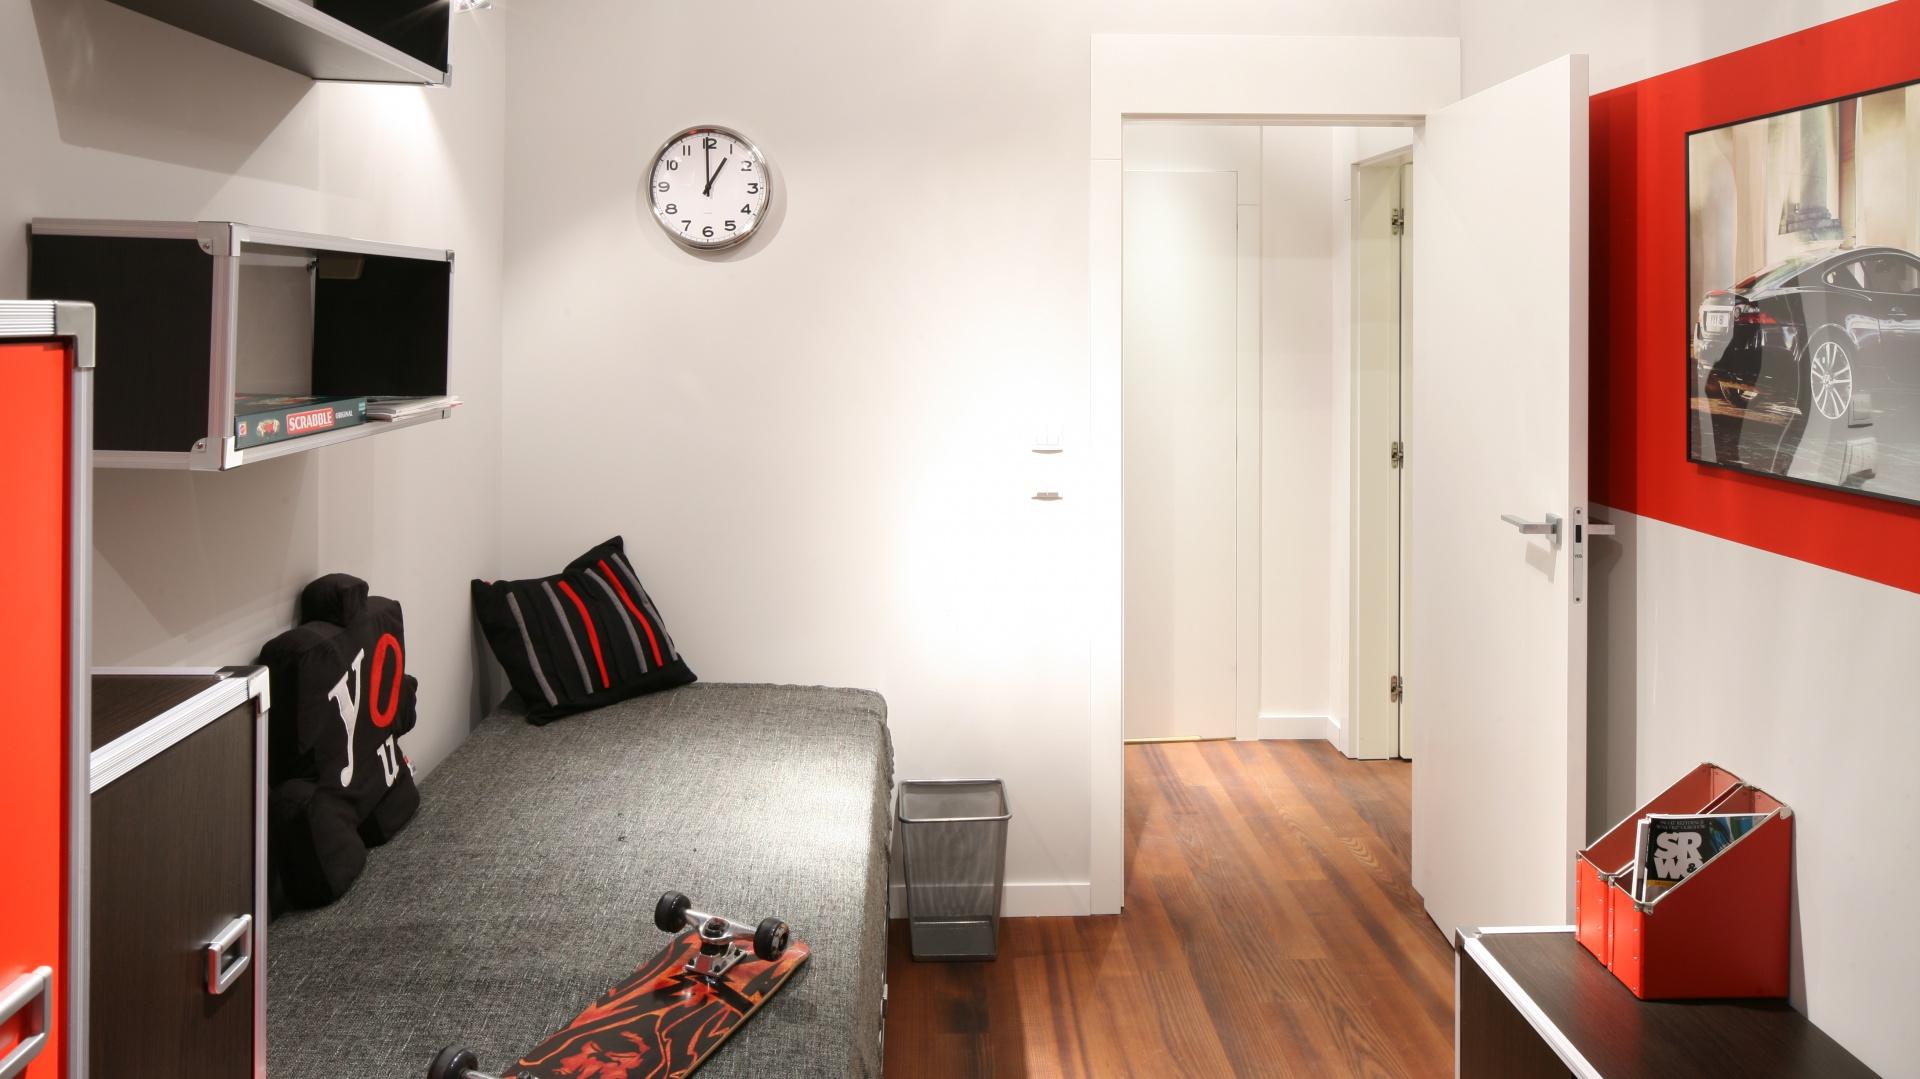 Pokój Chłopca Pomysły Projektantów Na Małe Wnętrze